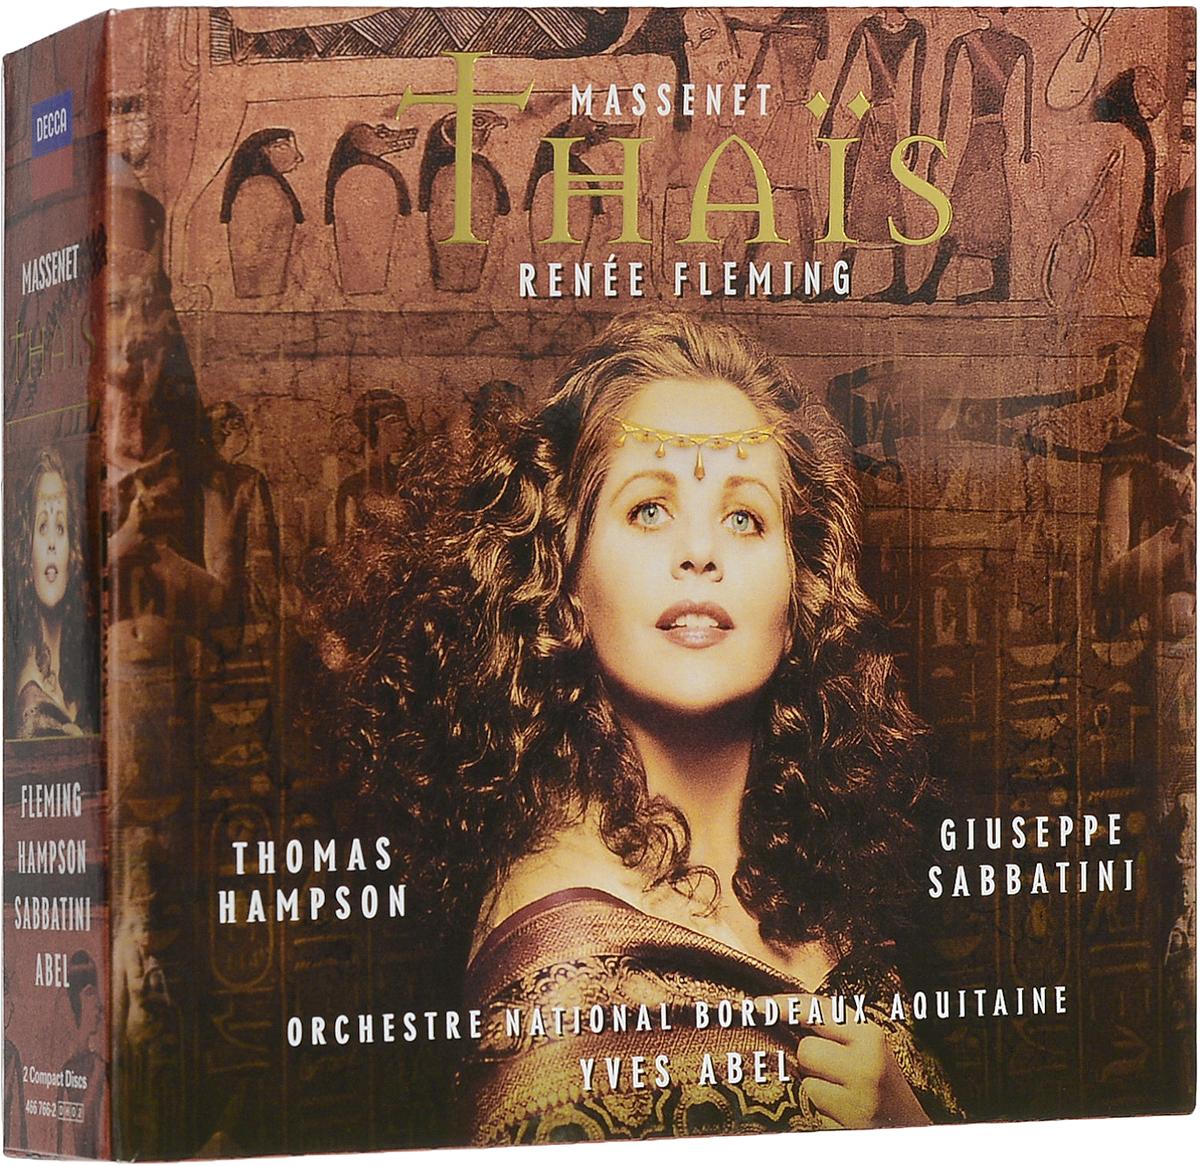 FLEMING/BORDEAUX. MASSENET : THAIS massenet cendrillon 2 dvd